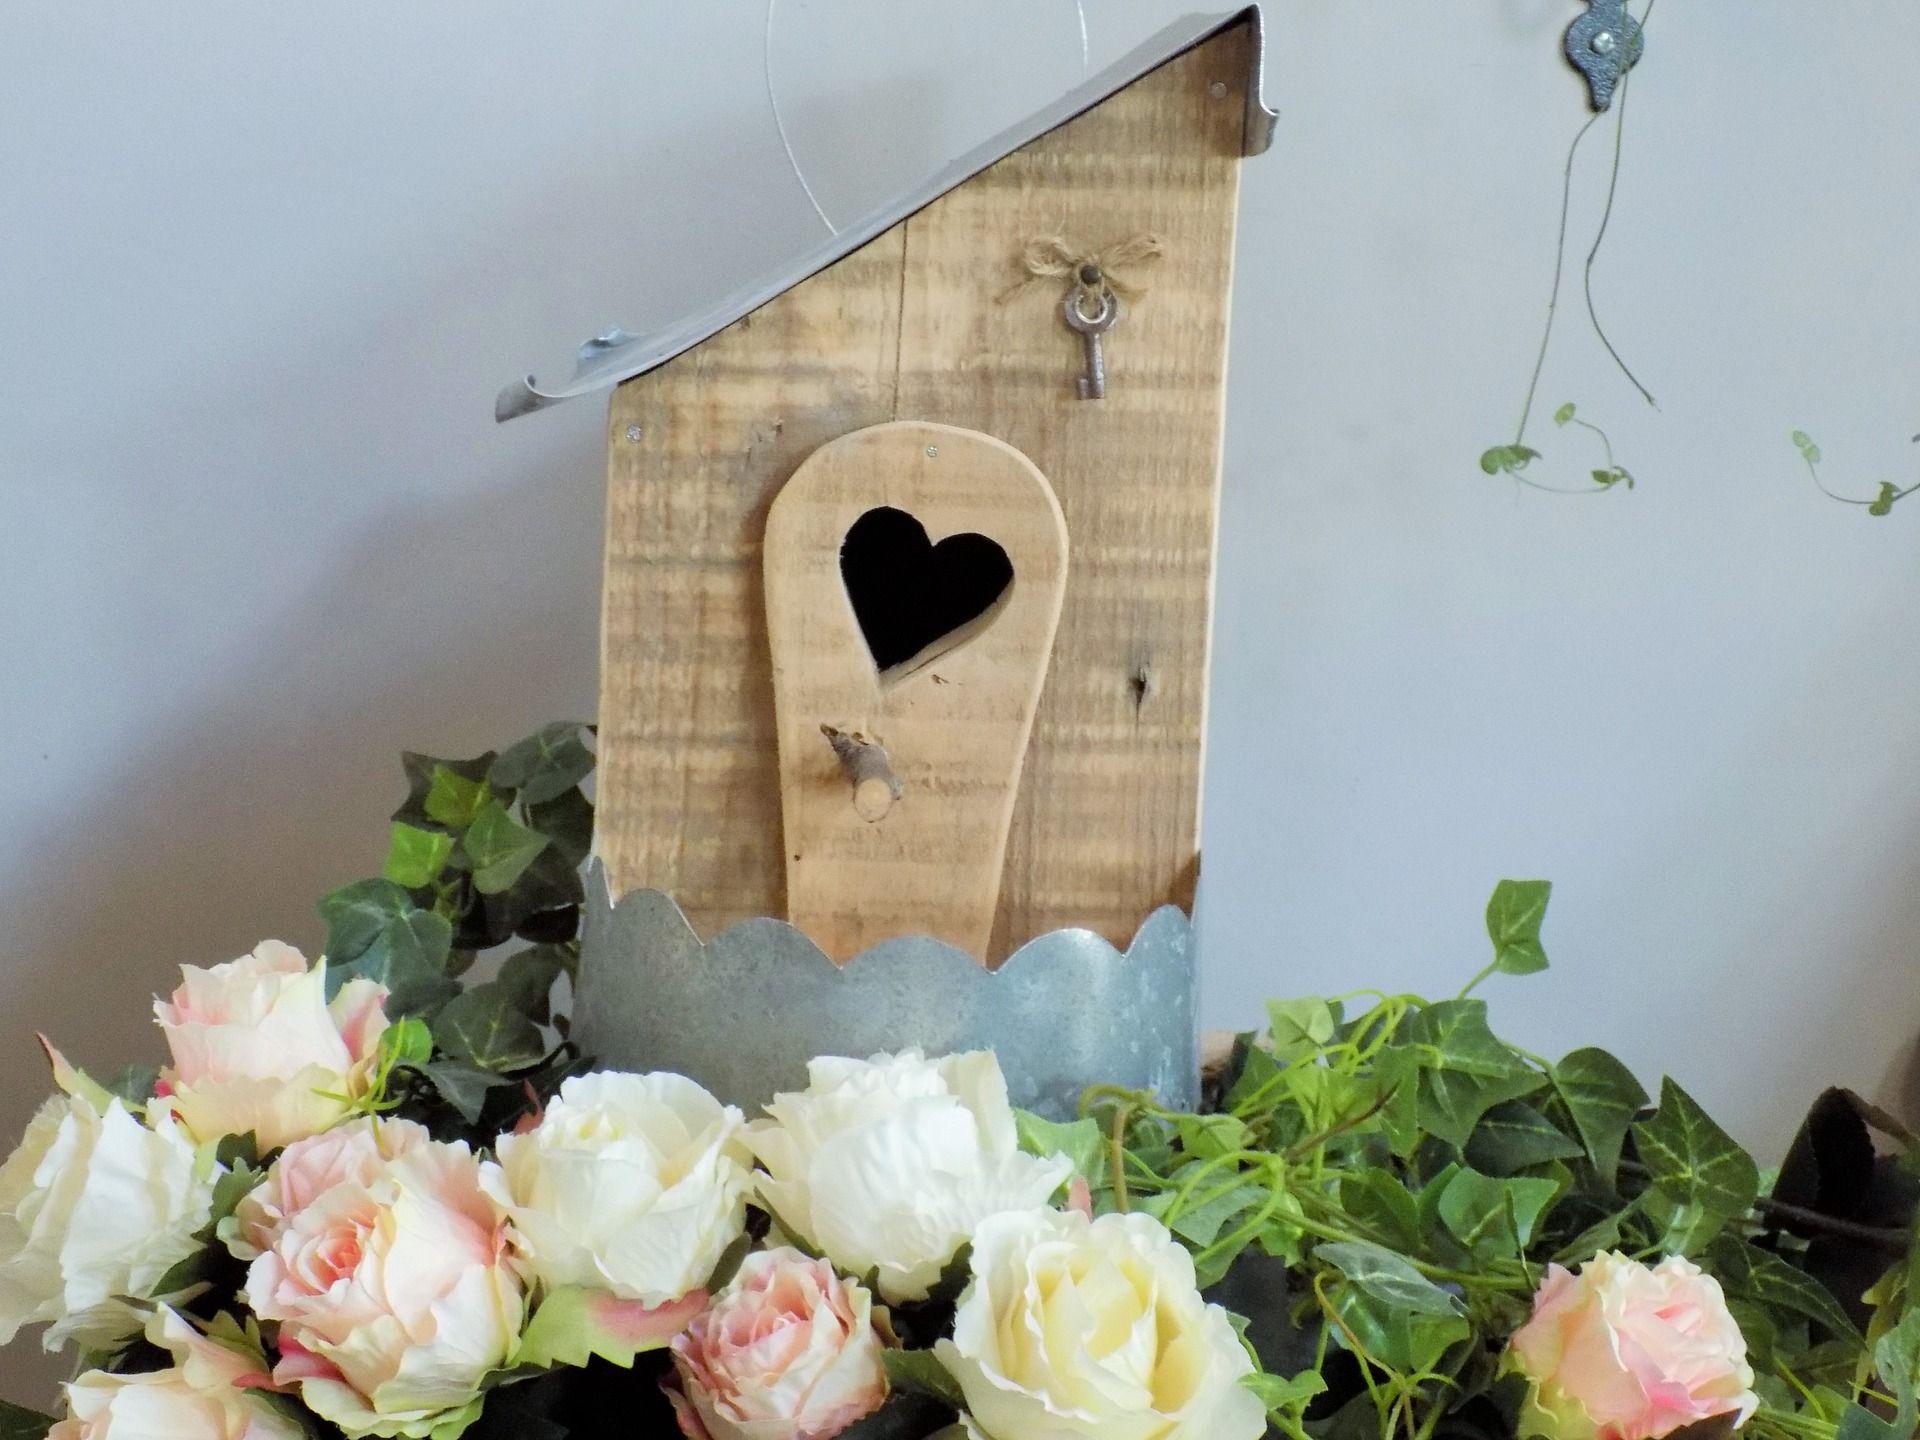 Nichoir-mangeoire en bois de palette et zinc ouverture coeur /clef ancienne décorative ...